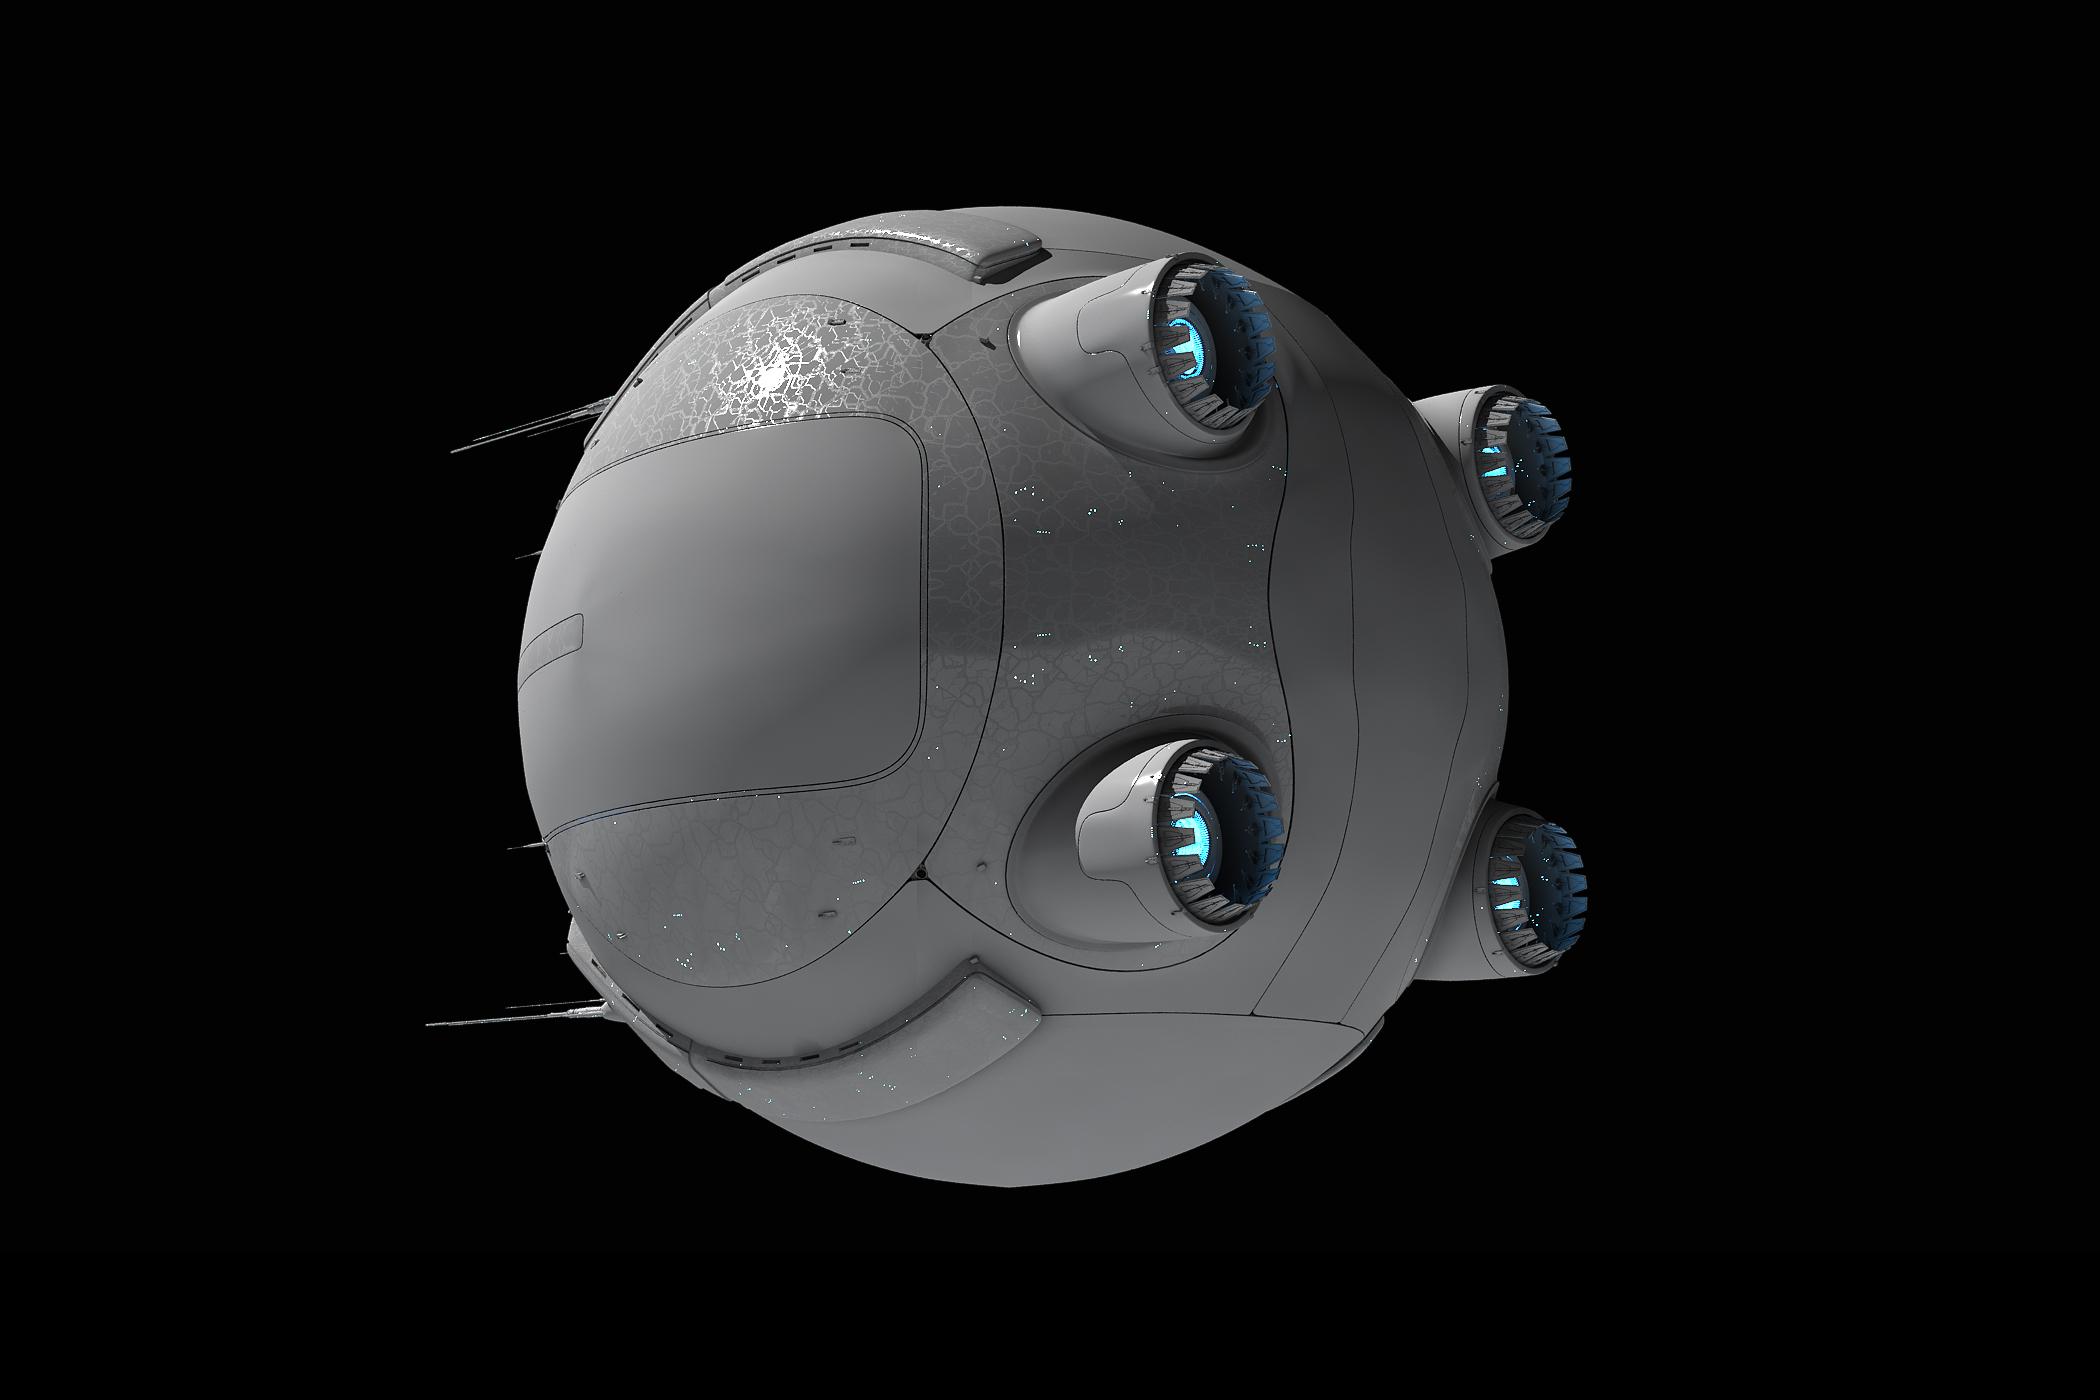 AlienShip_v007_002.jpg